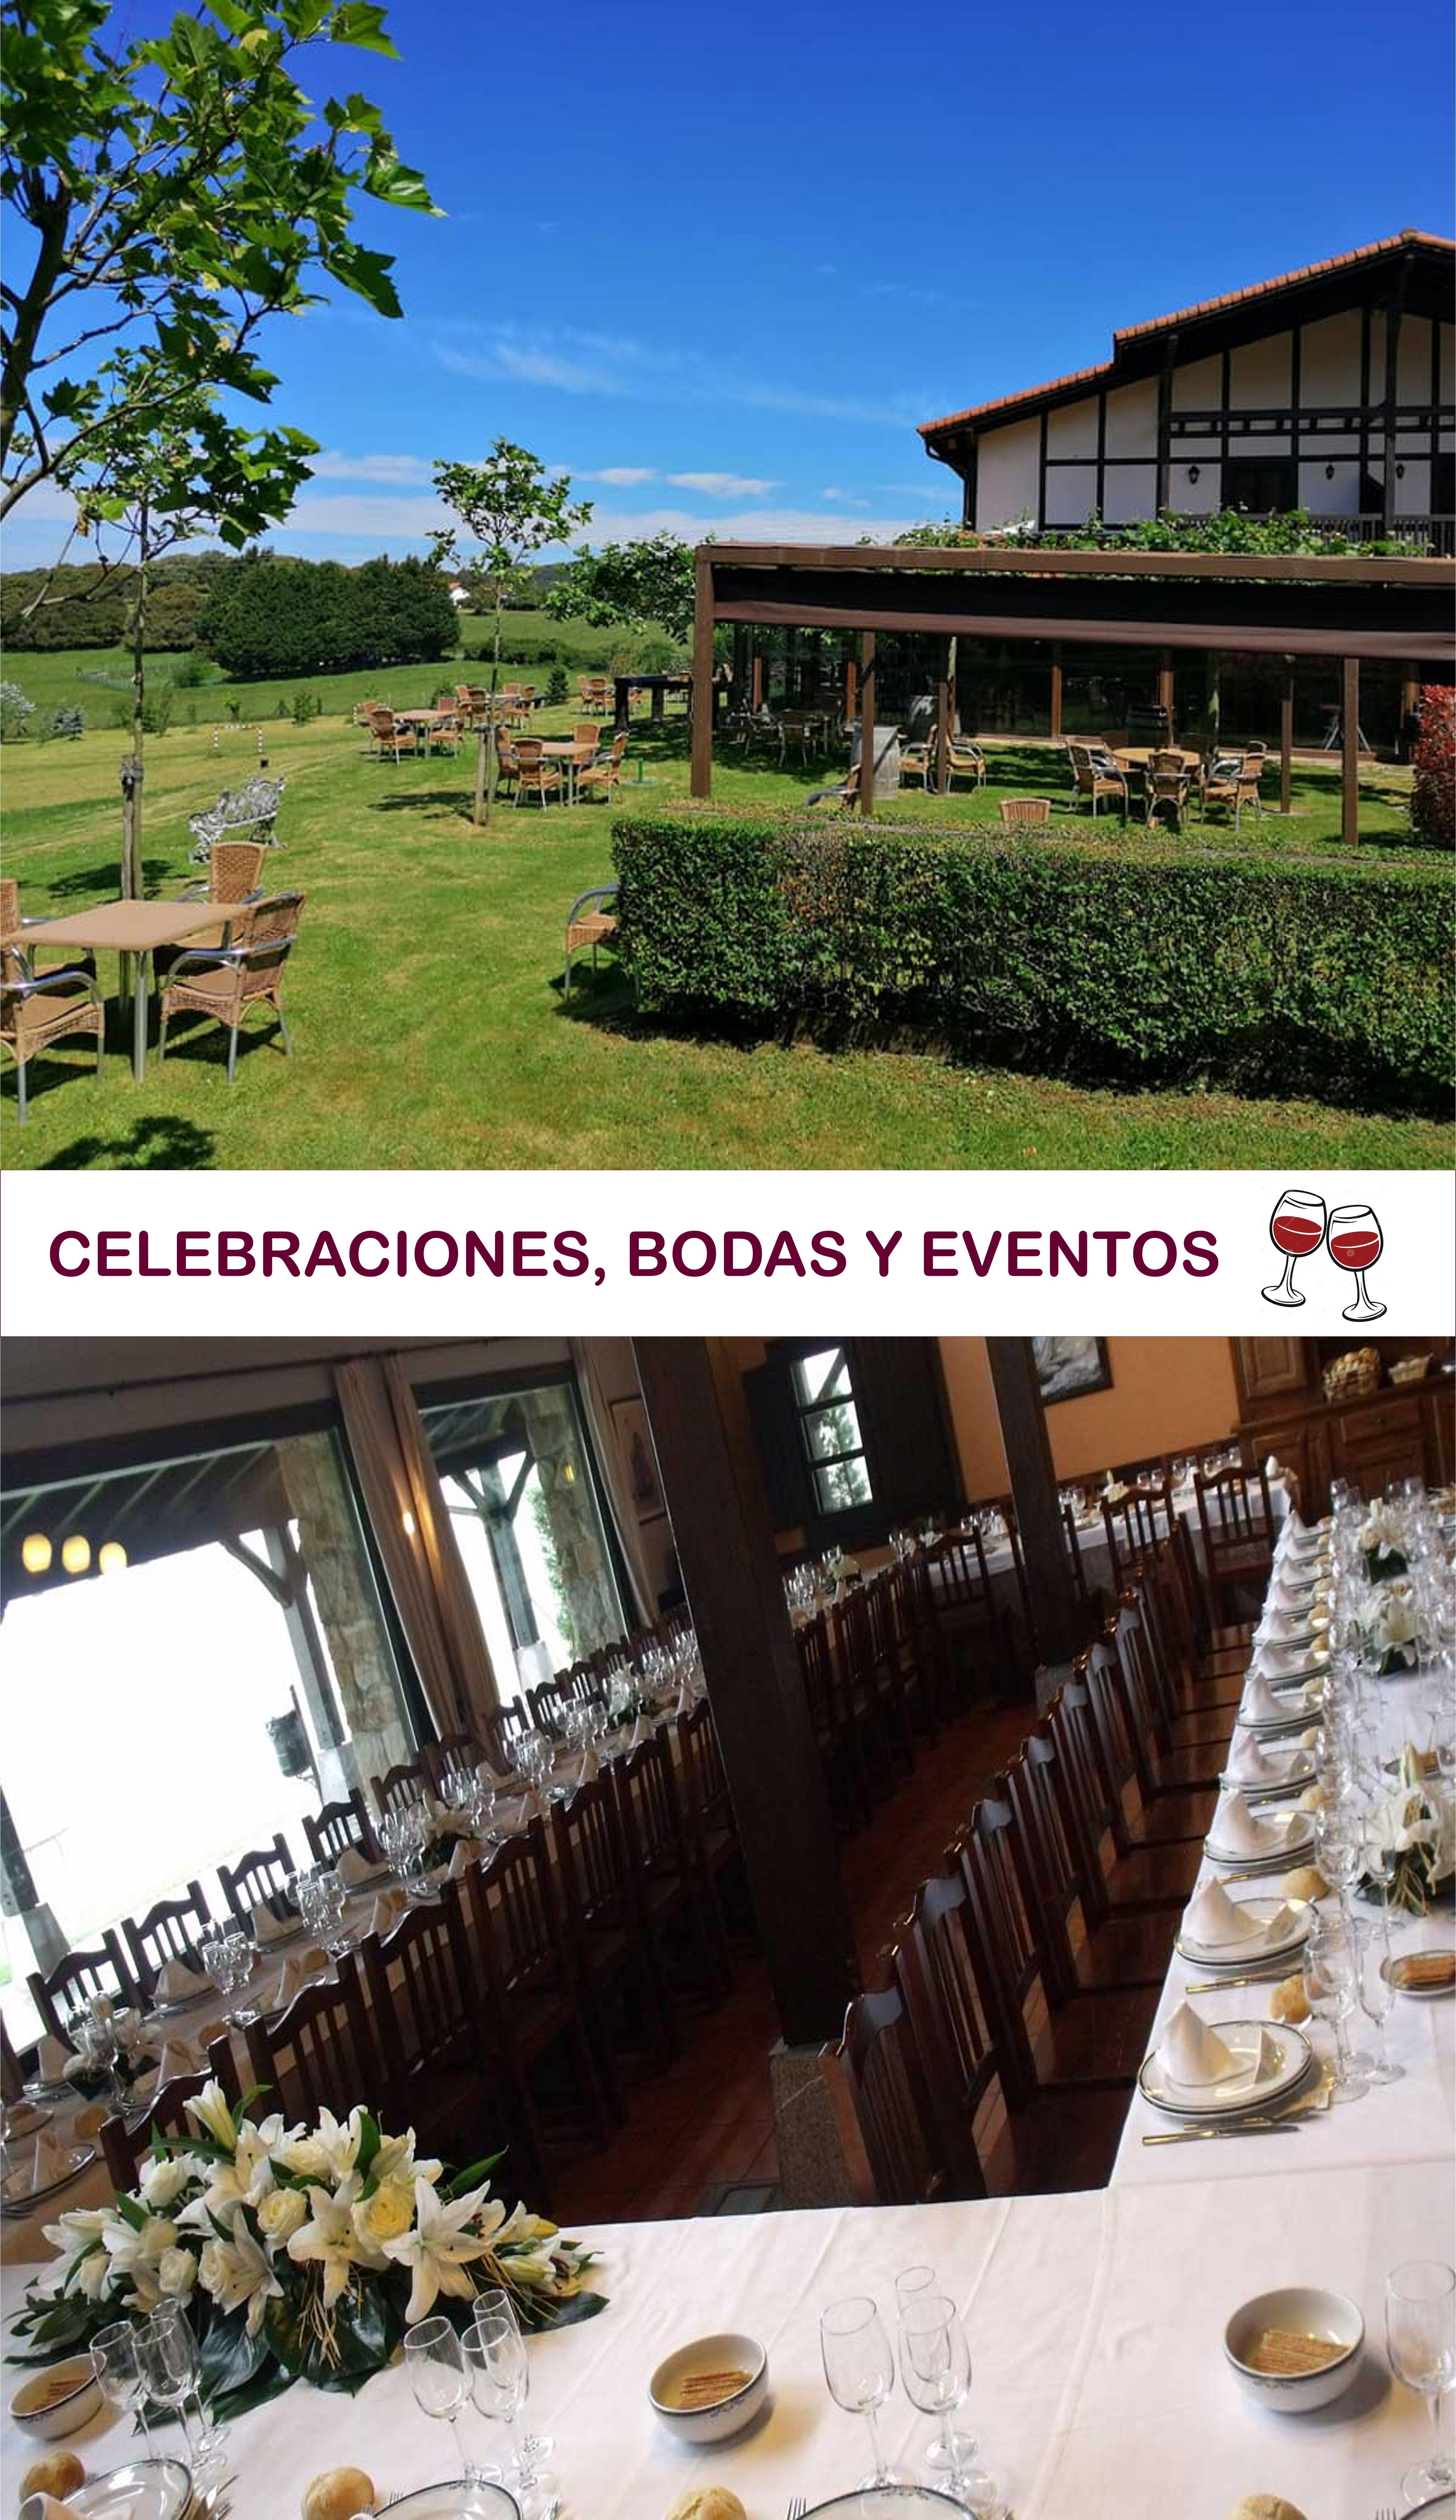 Vizcaya Casa Celebraciones Y Eventos Restaurante Cocina Vasca En Plentzia Jardines Y Vistas Al Mar Casas Para Fiestas Casas Casas Rurales